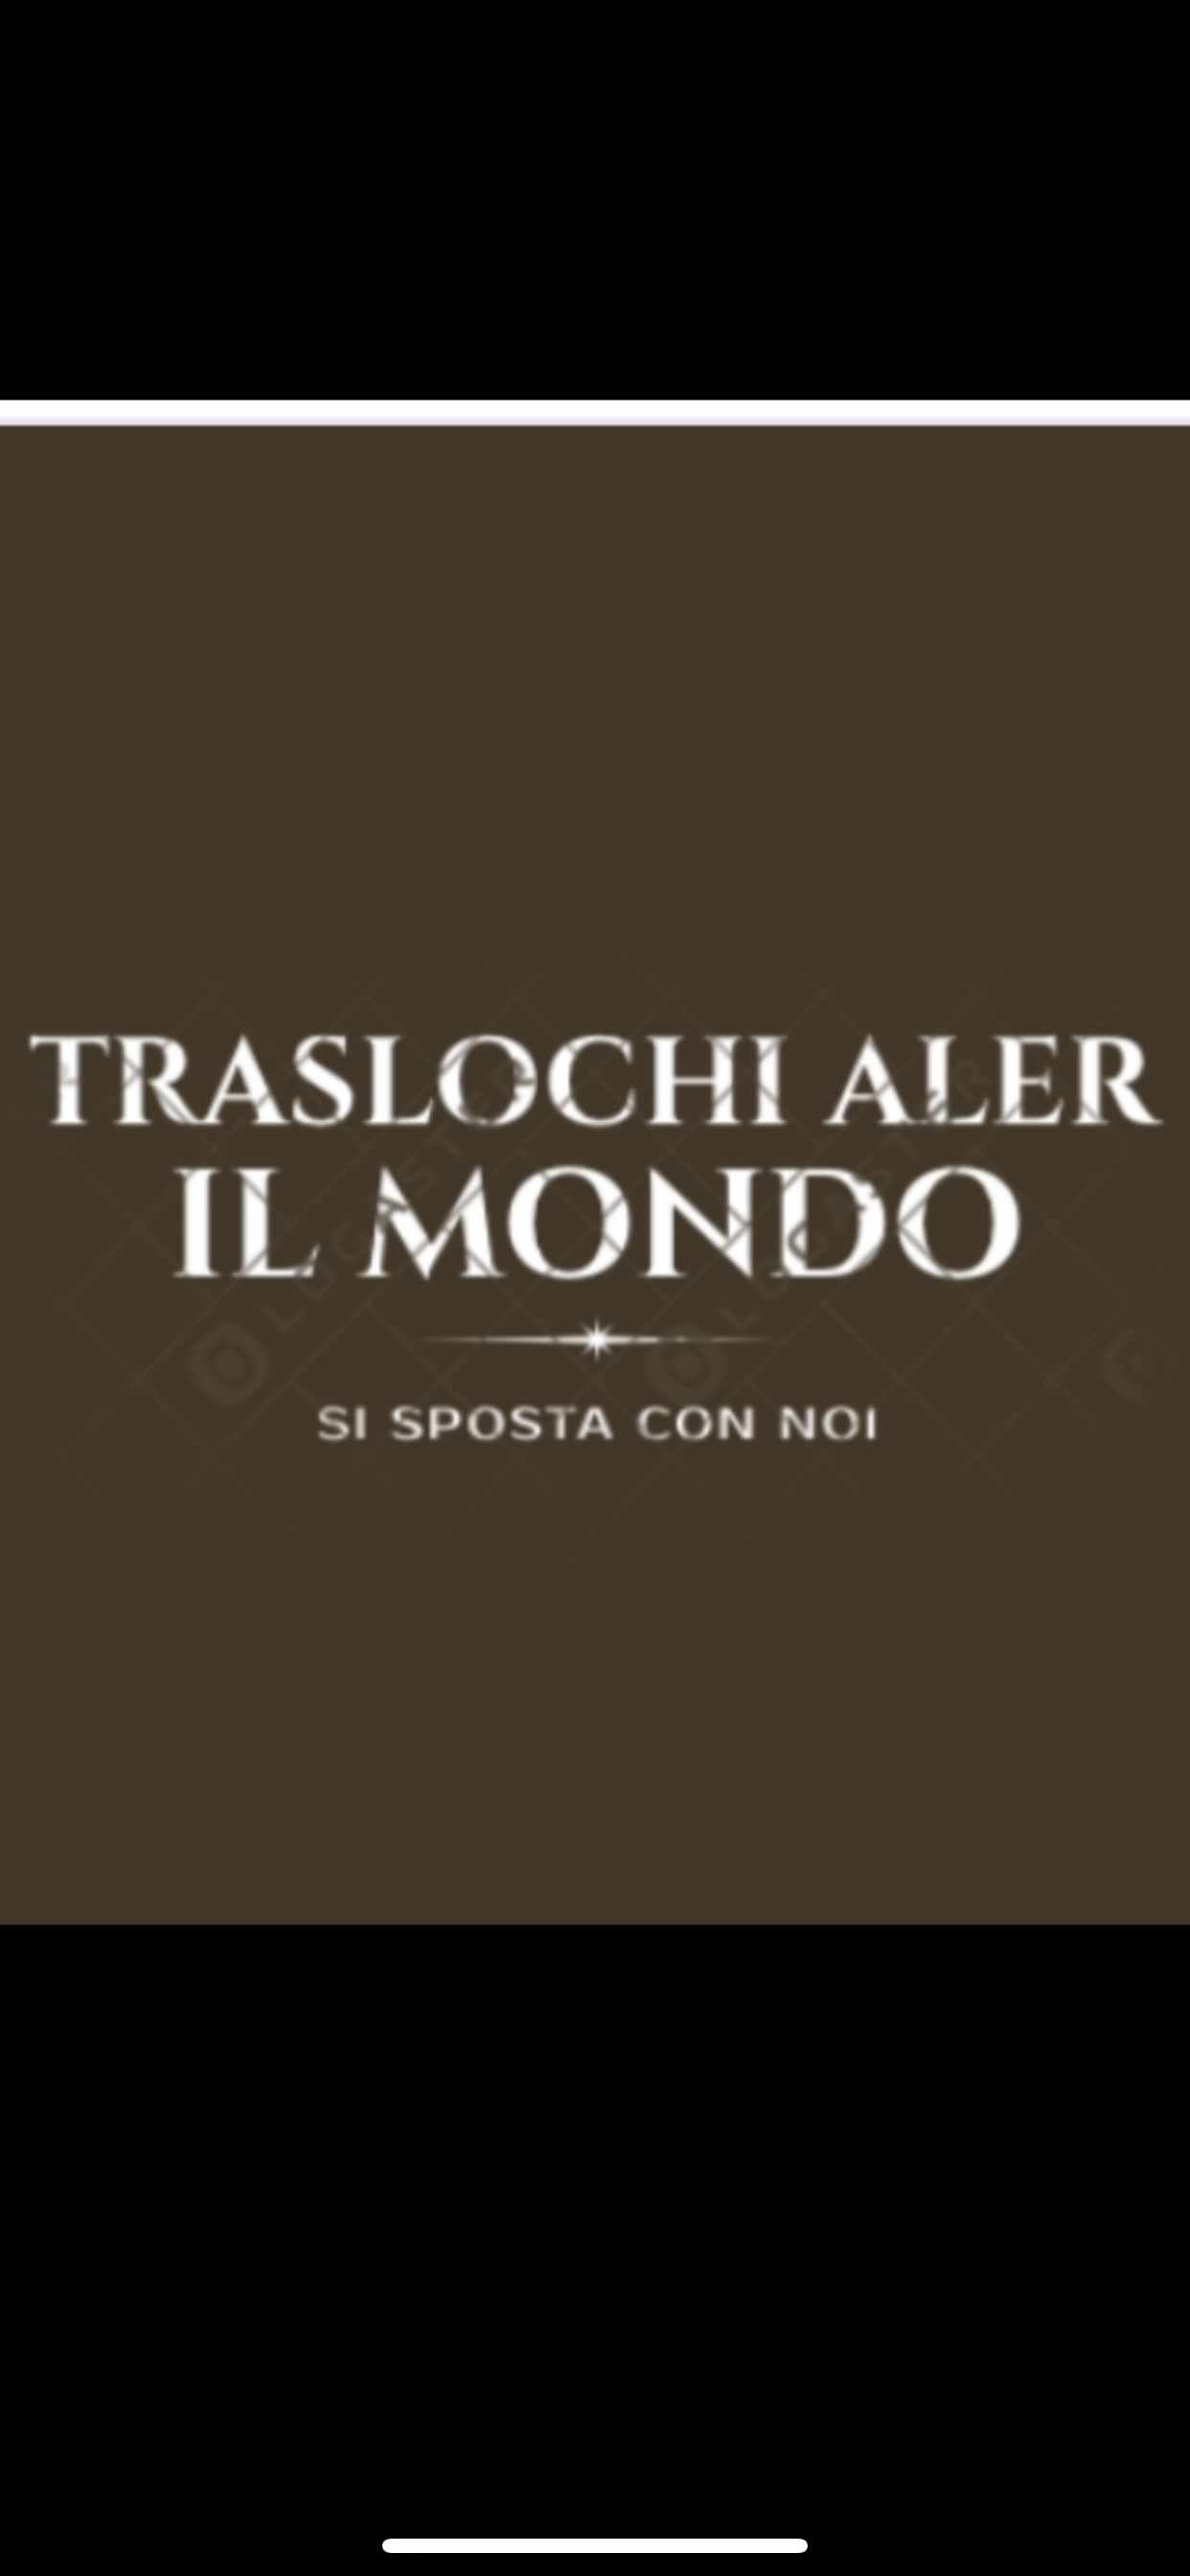 A&E Traslochi